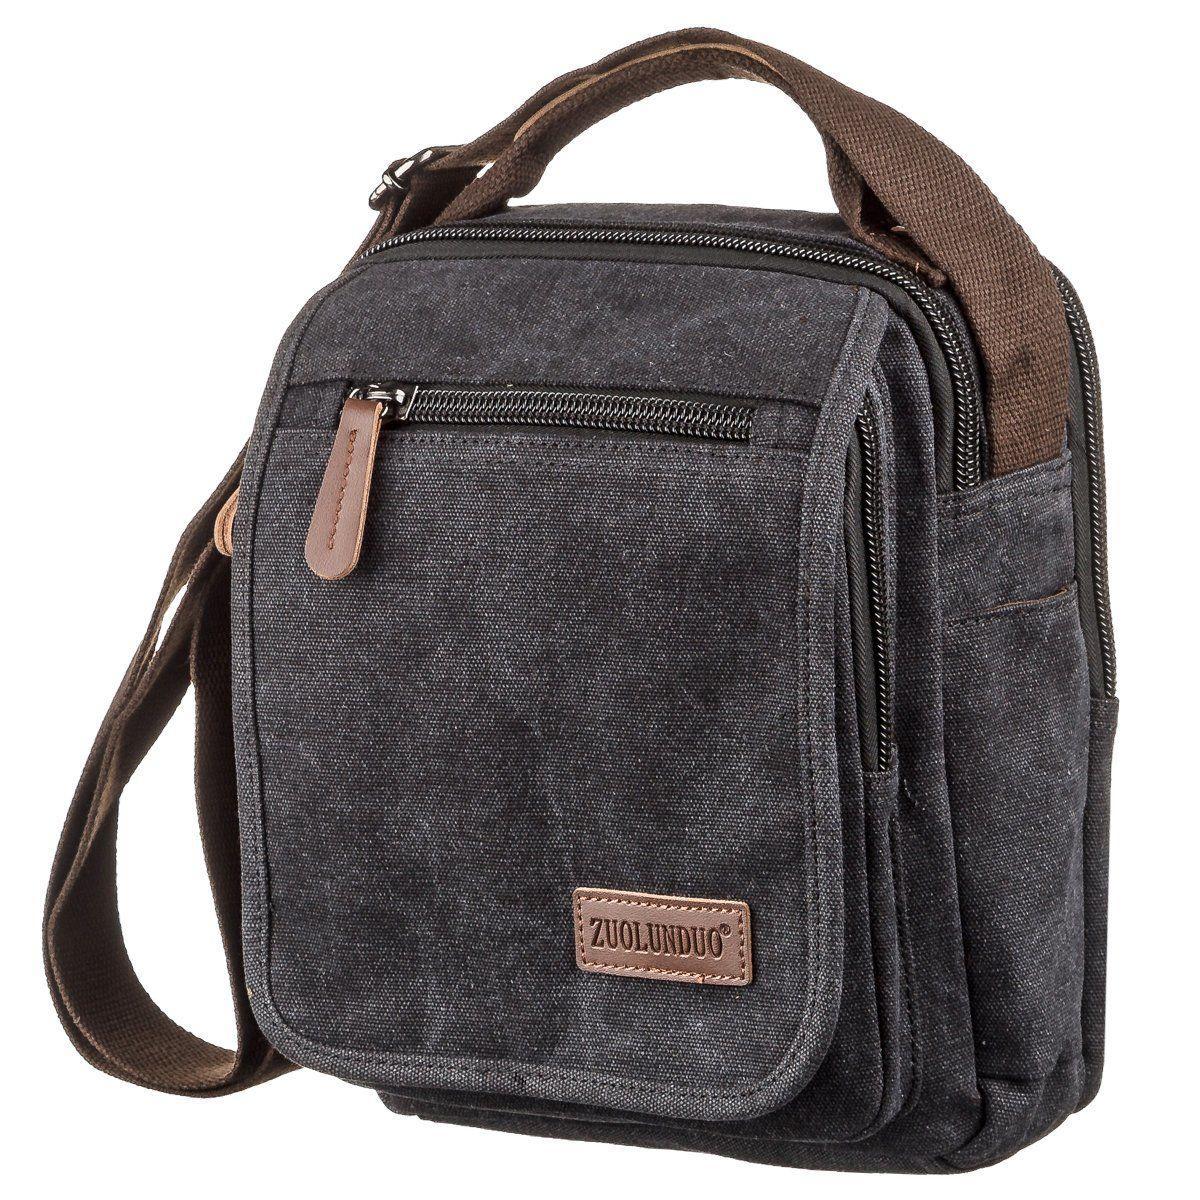 Универсальная текстильная мужская сумка на два отделения Vintage 20199 Черная